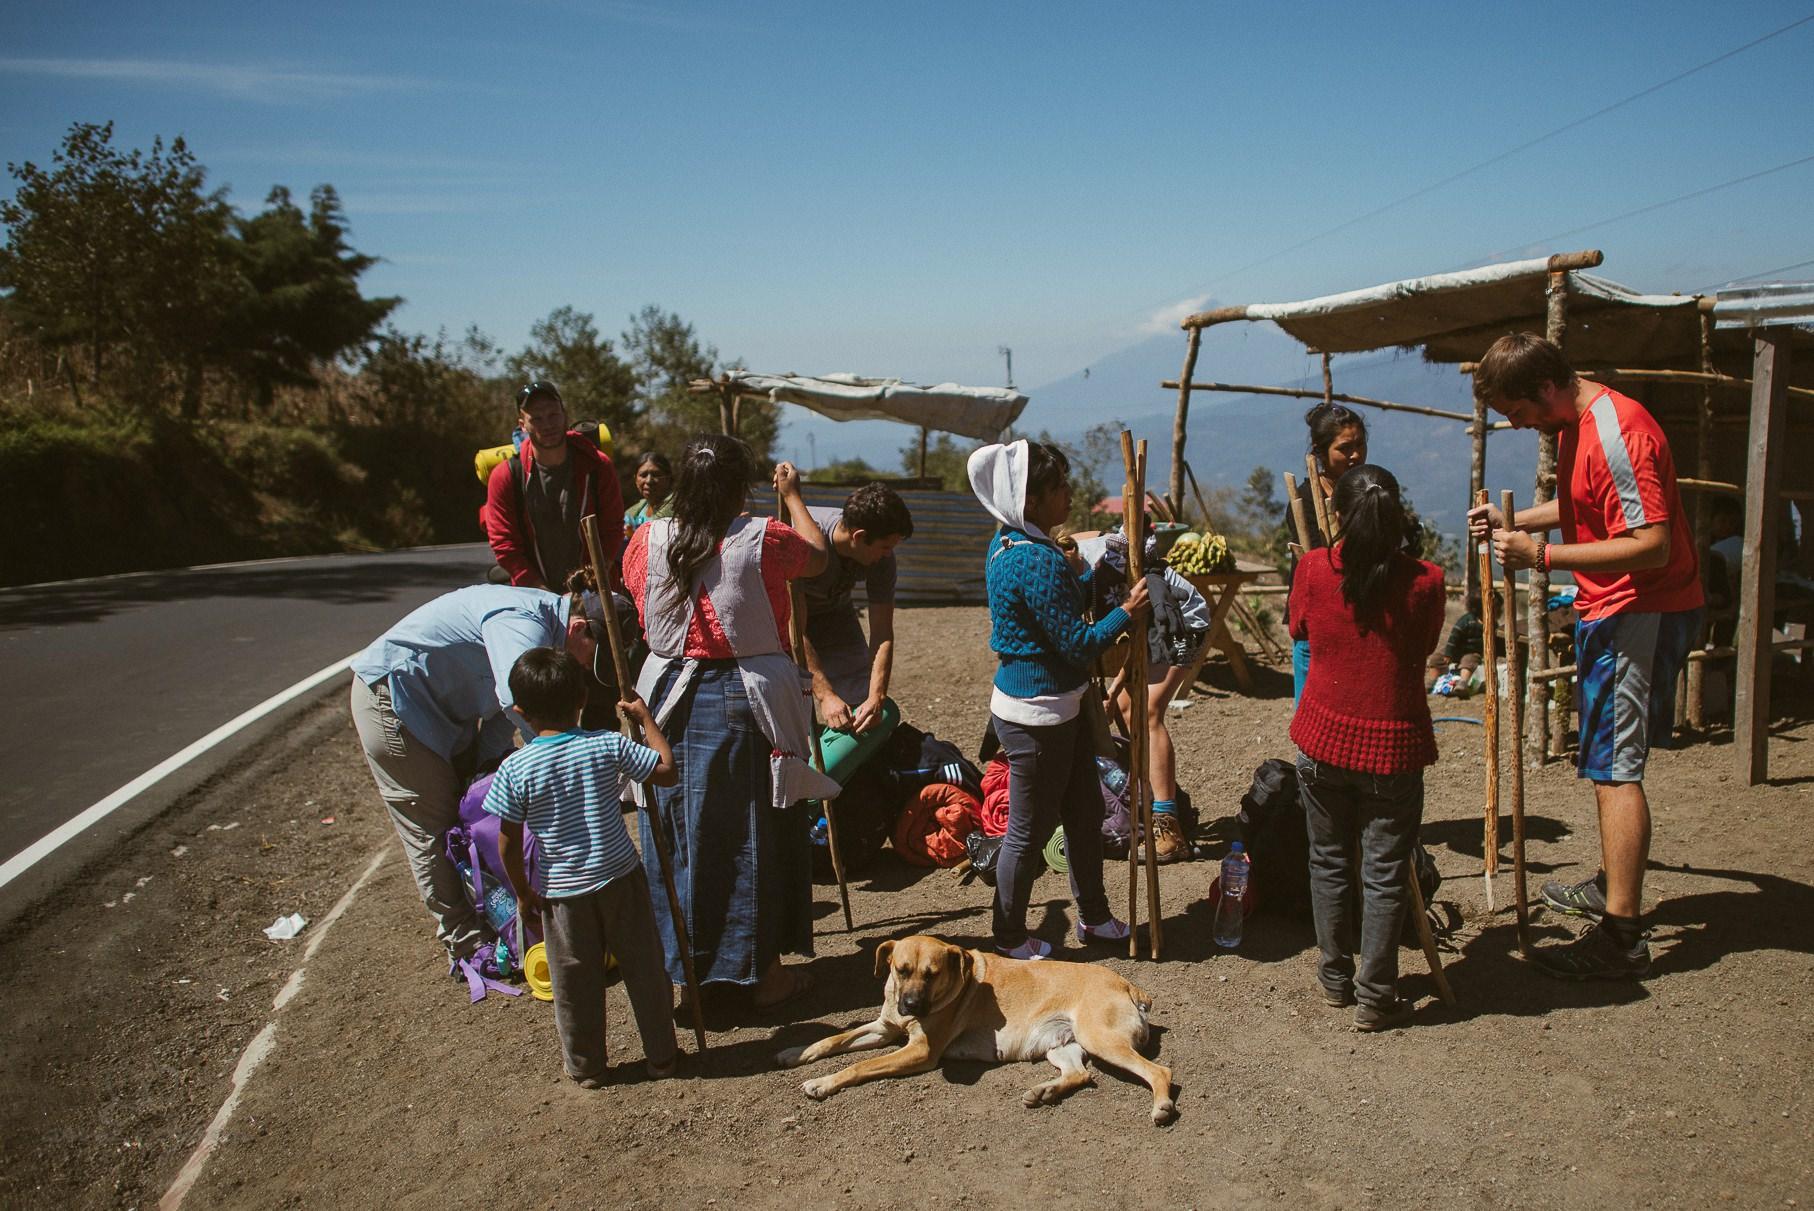 0078 anne und bjoern guatemala 811 3153 - 4 Wochen durch Guatemala - backpacking durch Mittelamerika